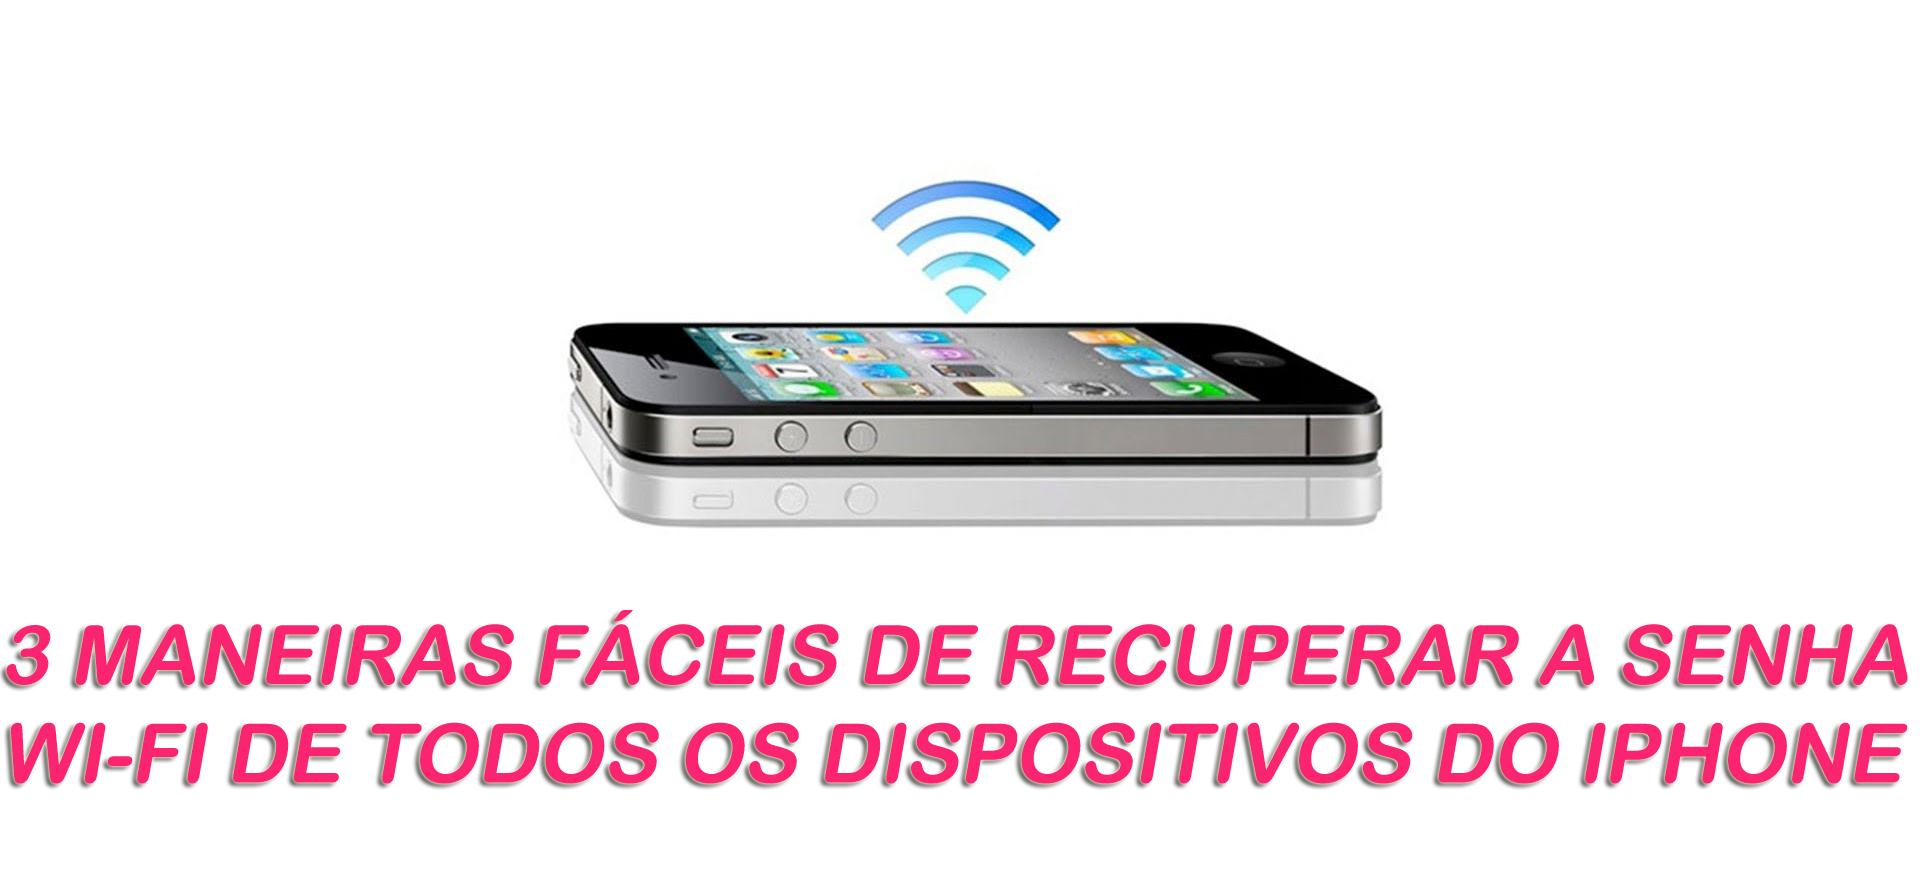 3 maneiras fáceis de recuperar a senha Wi-Fi de todos os dispositivos do iPhone